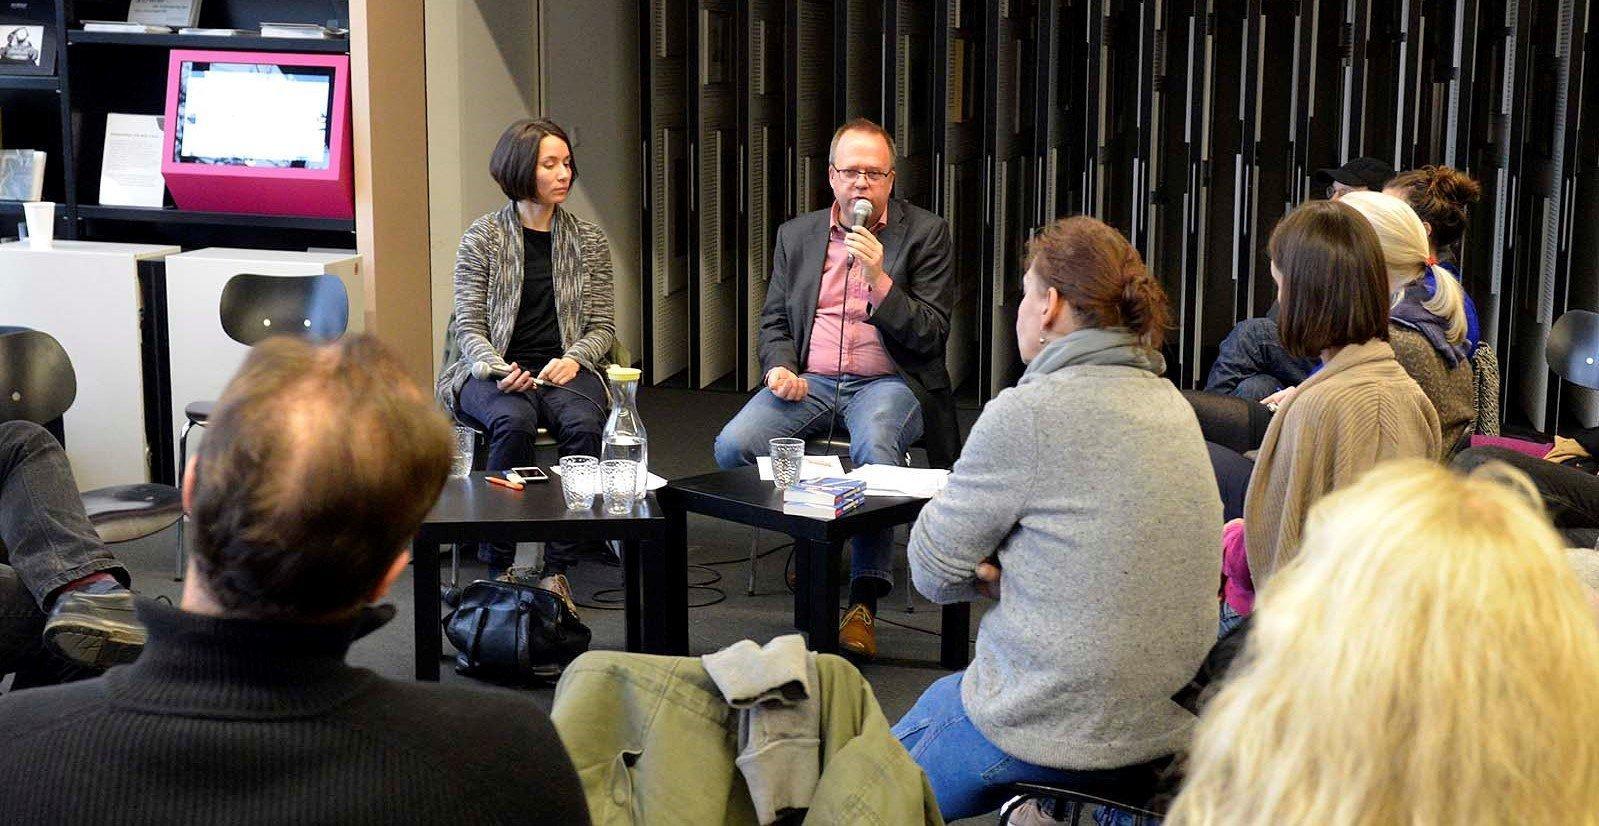 Anja Krieger und Rainer Kurlemann sprechen bei einer Veranstaltung über die Erwartungen der Deutschen an die Zukunft